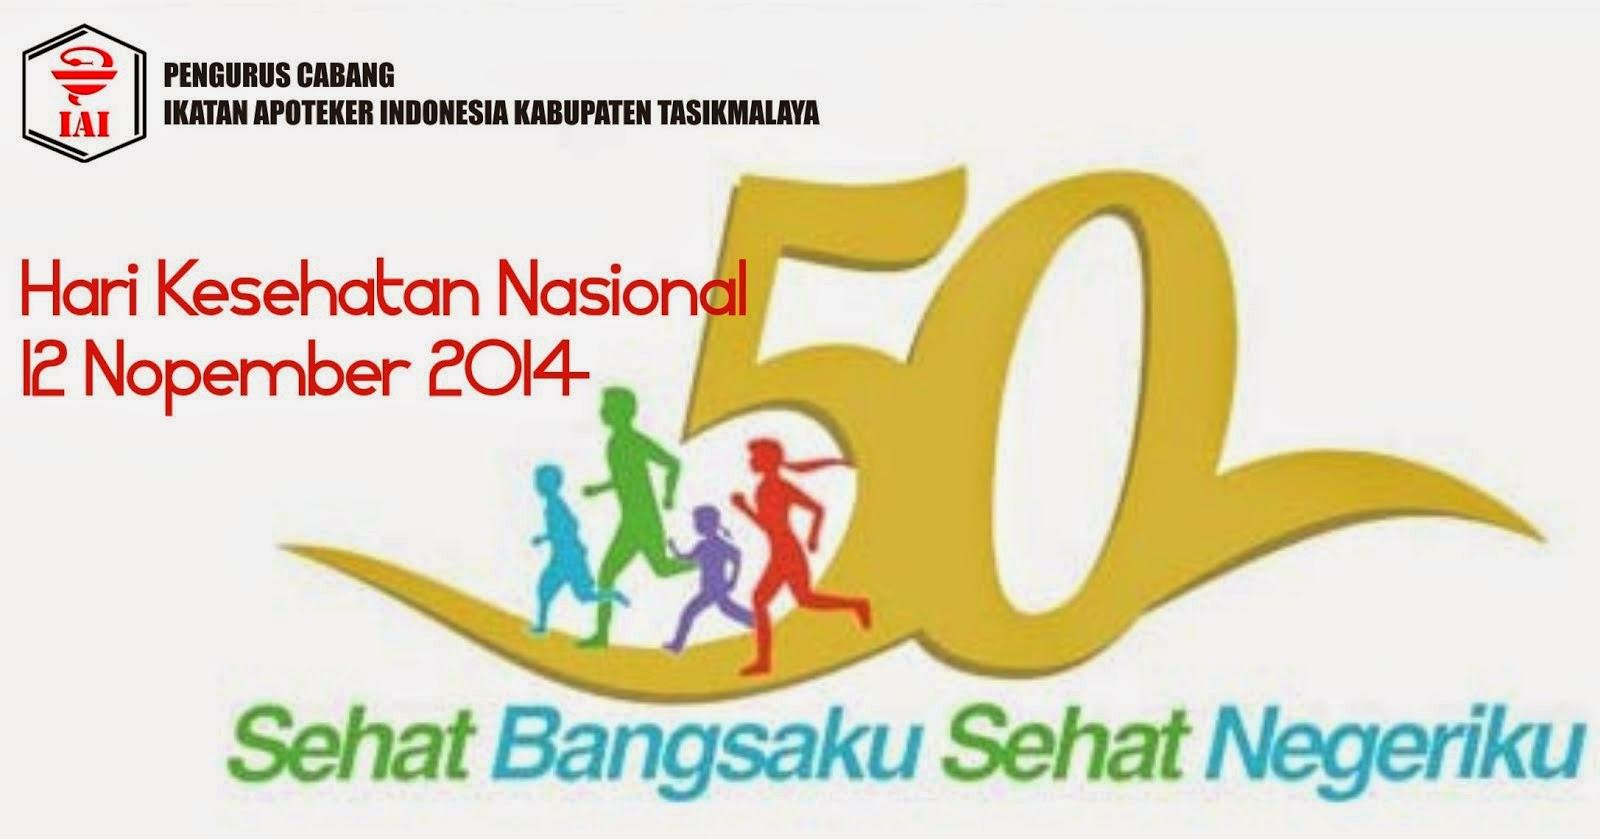 Hari Kesehatan Nasional 2014